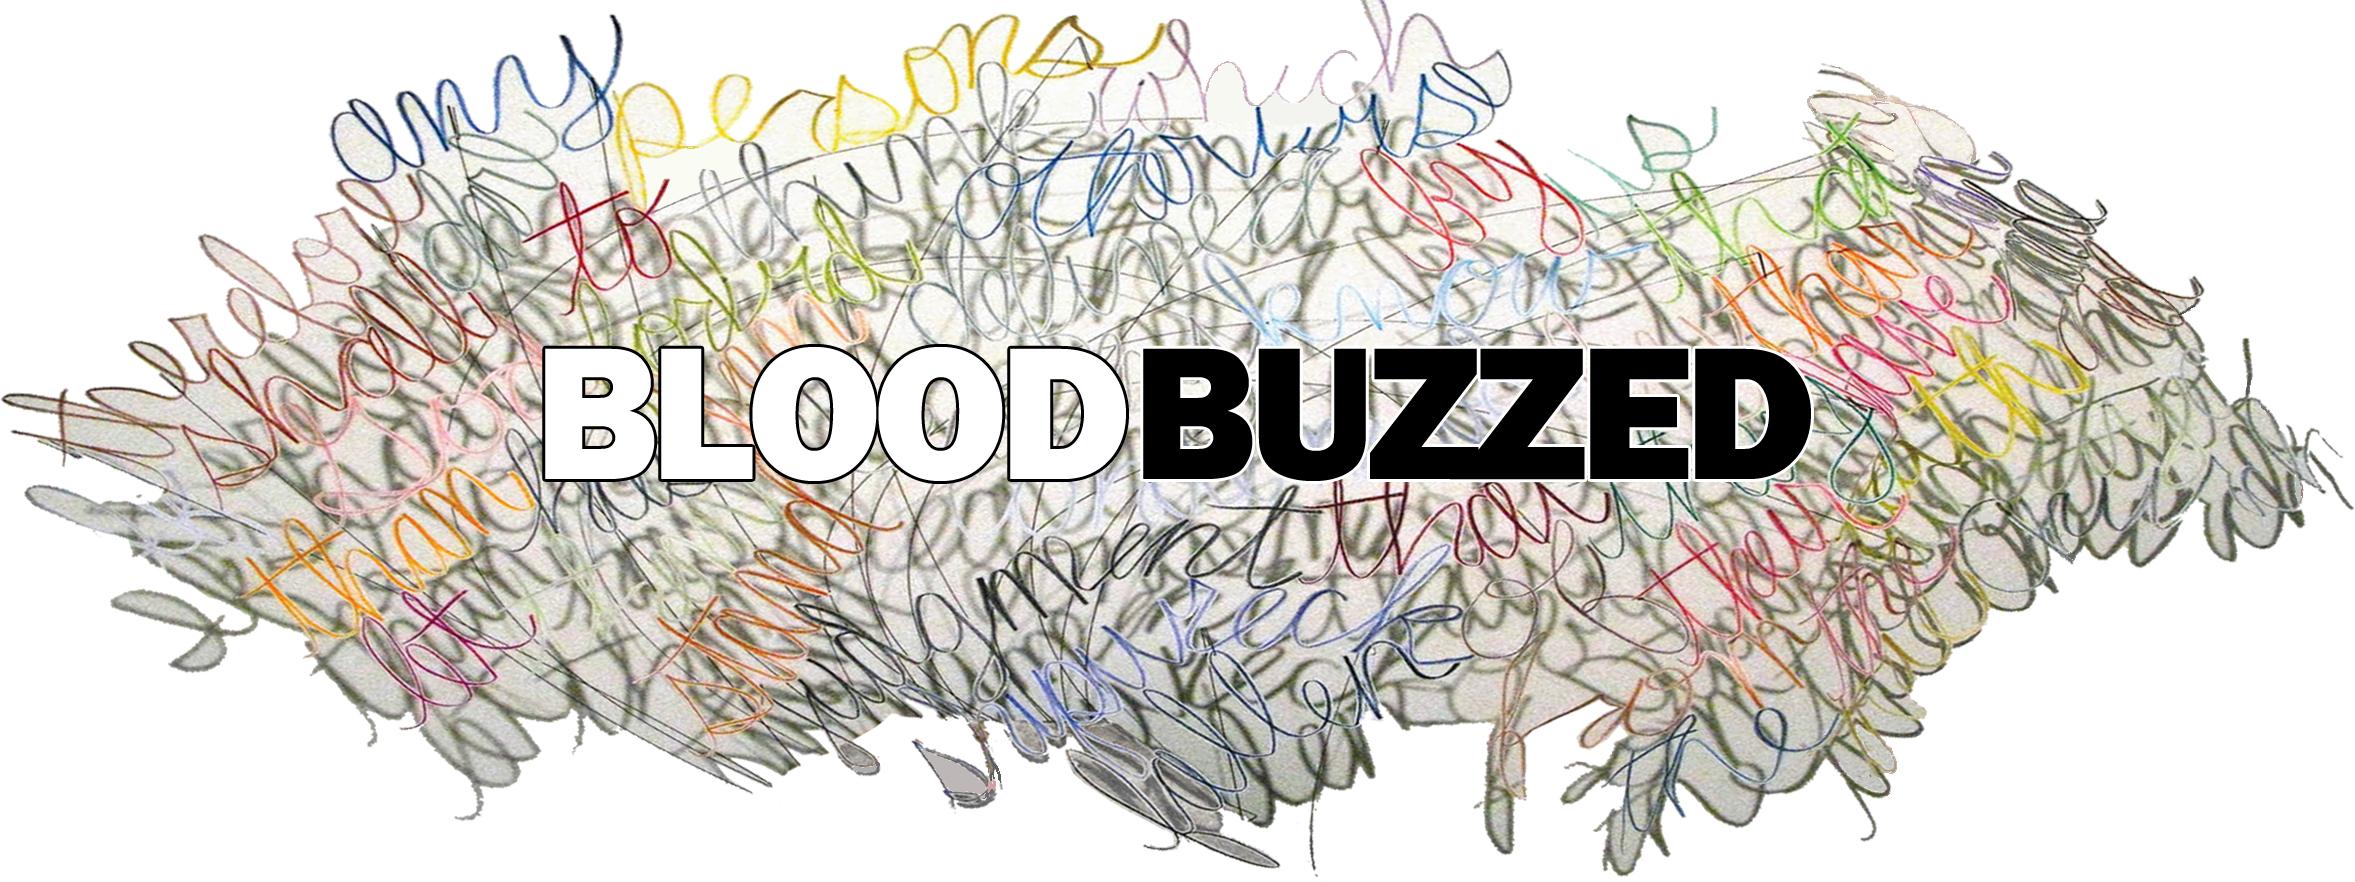 Bloodbuzzed: el gran bazar del pop